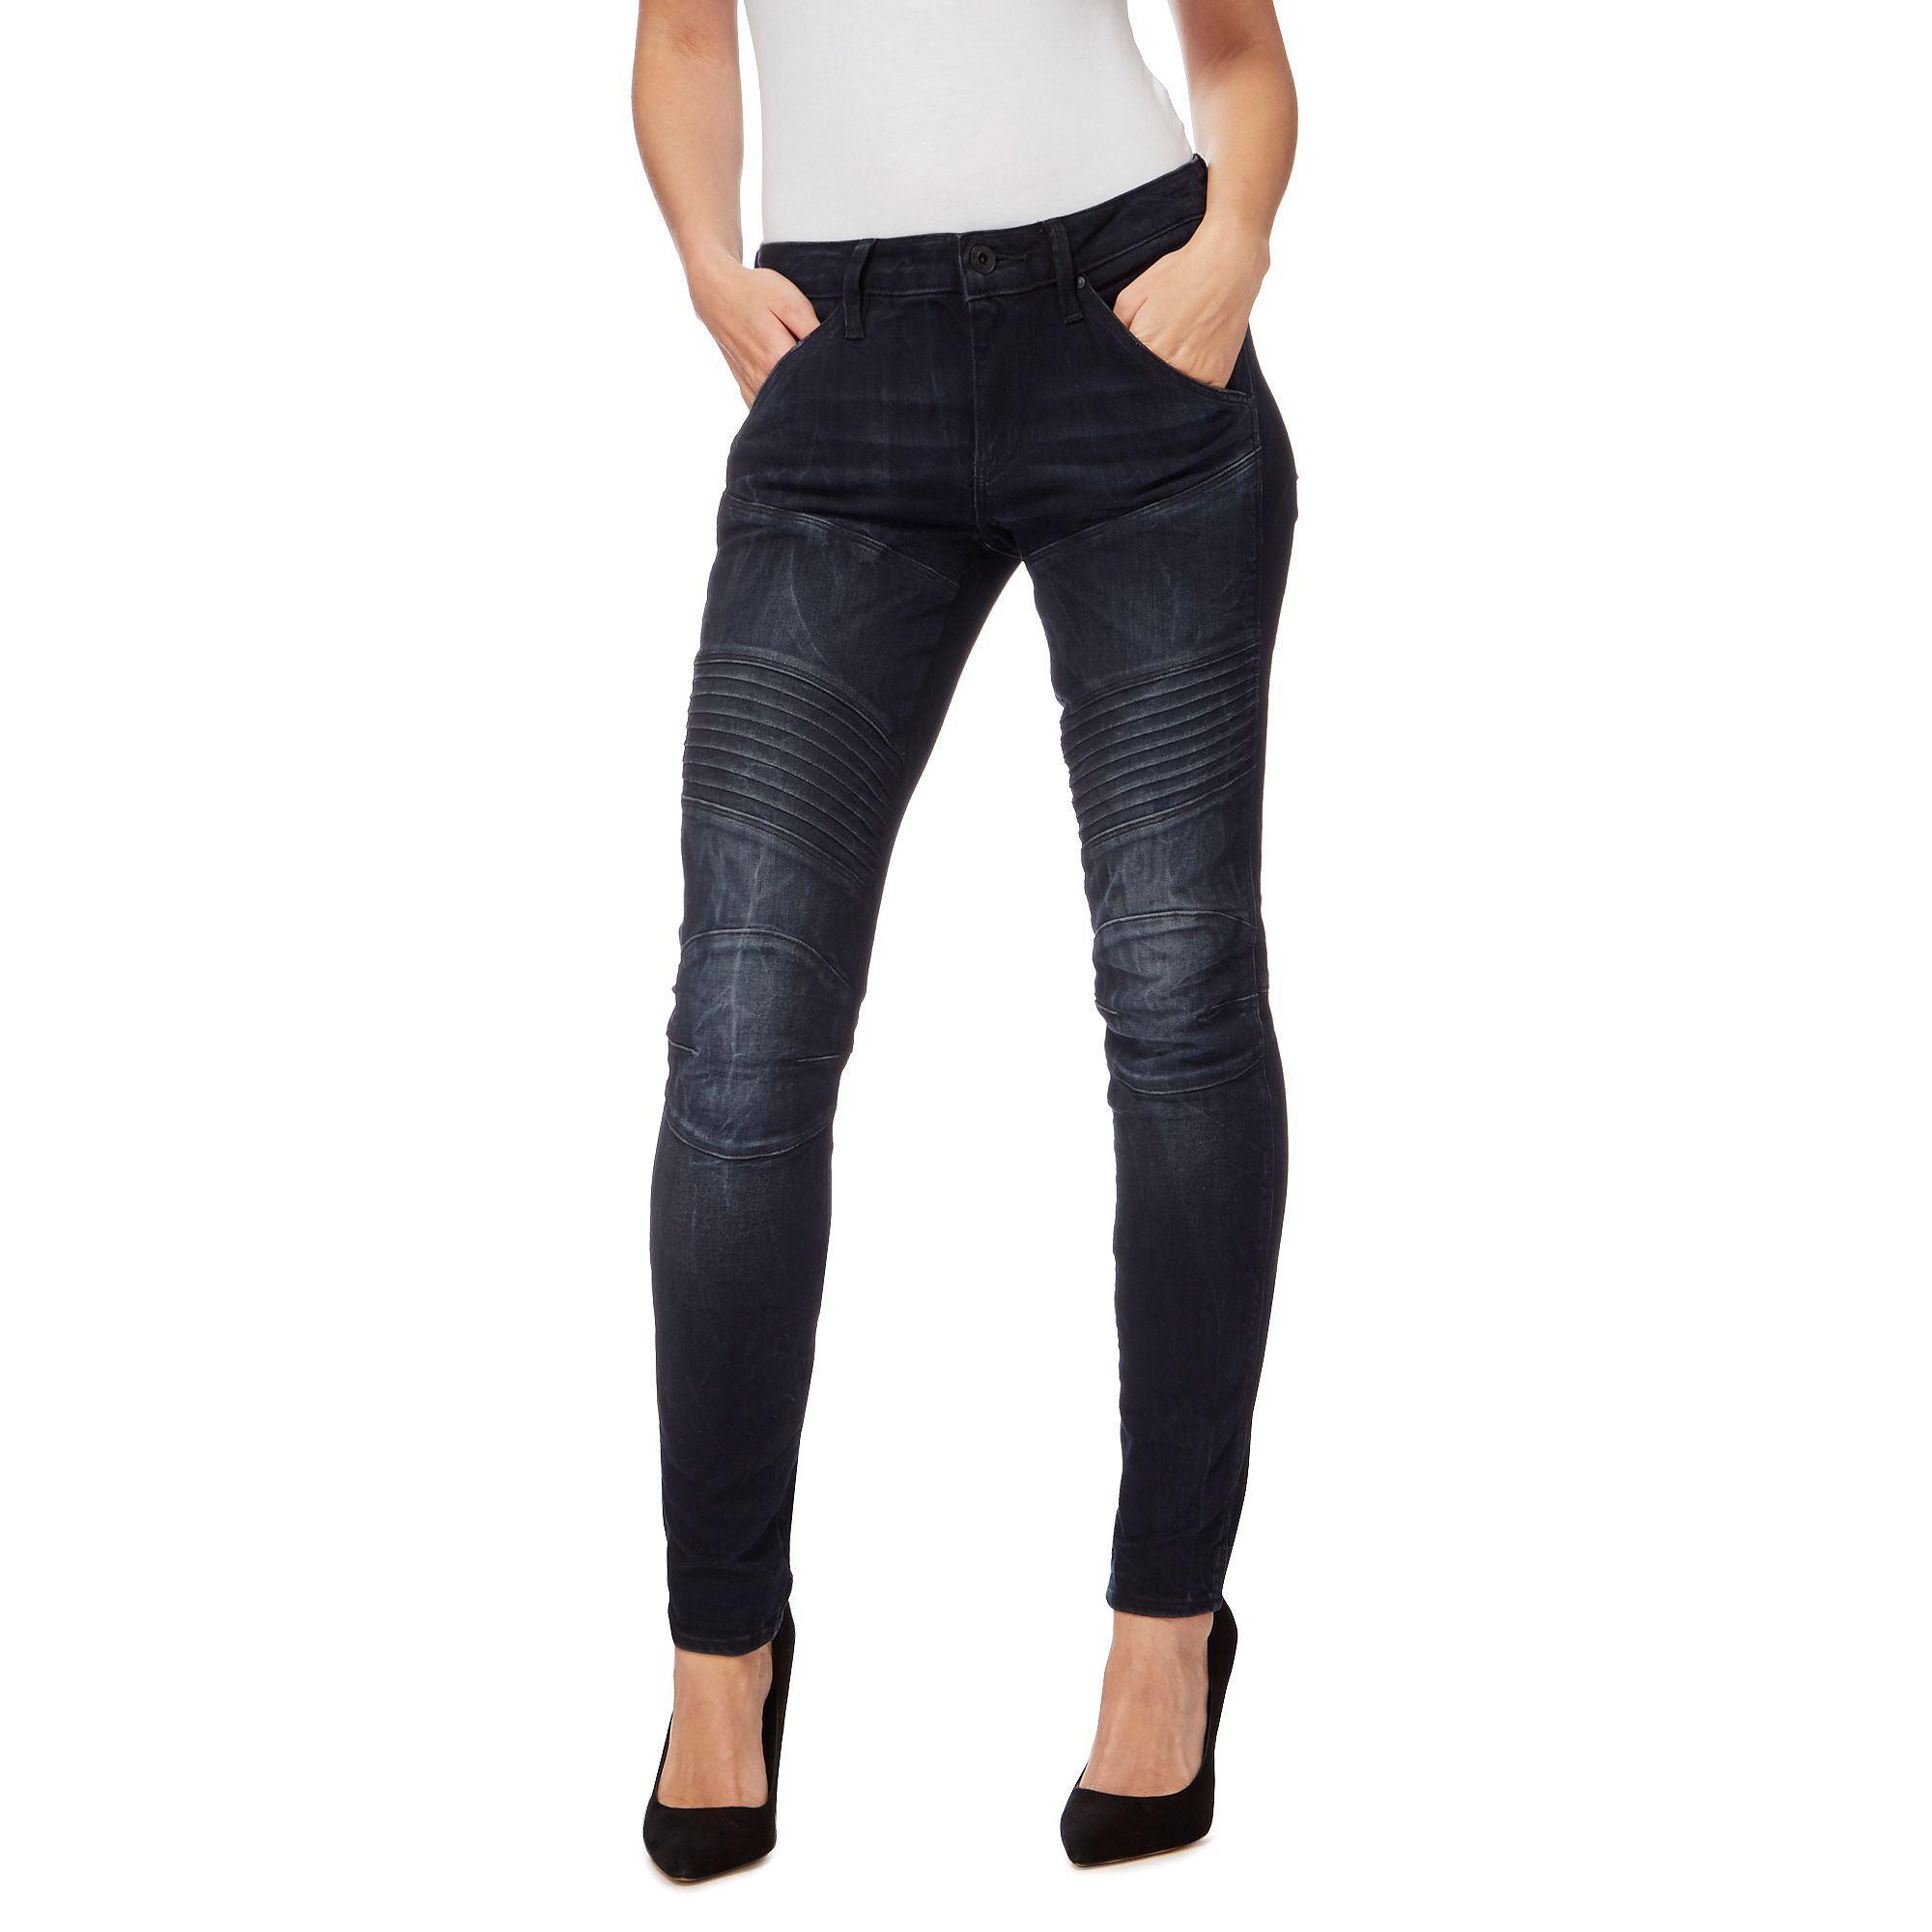 Jeans Raw Lyst 'elwood' Blue Star Navy Dark In G Skinny 5zqFYxw